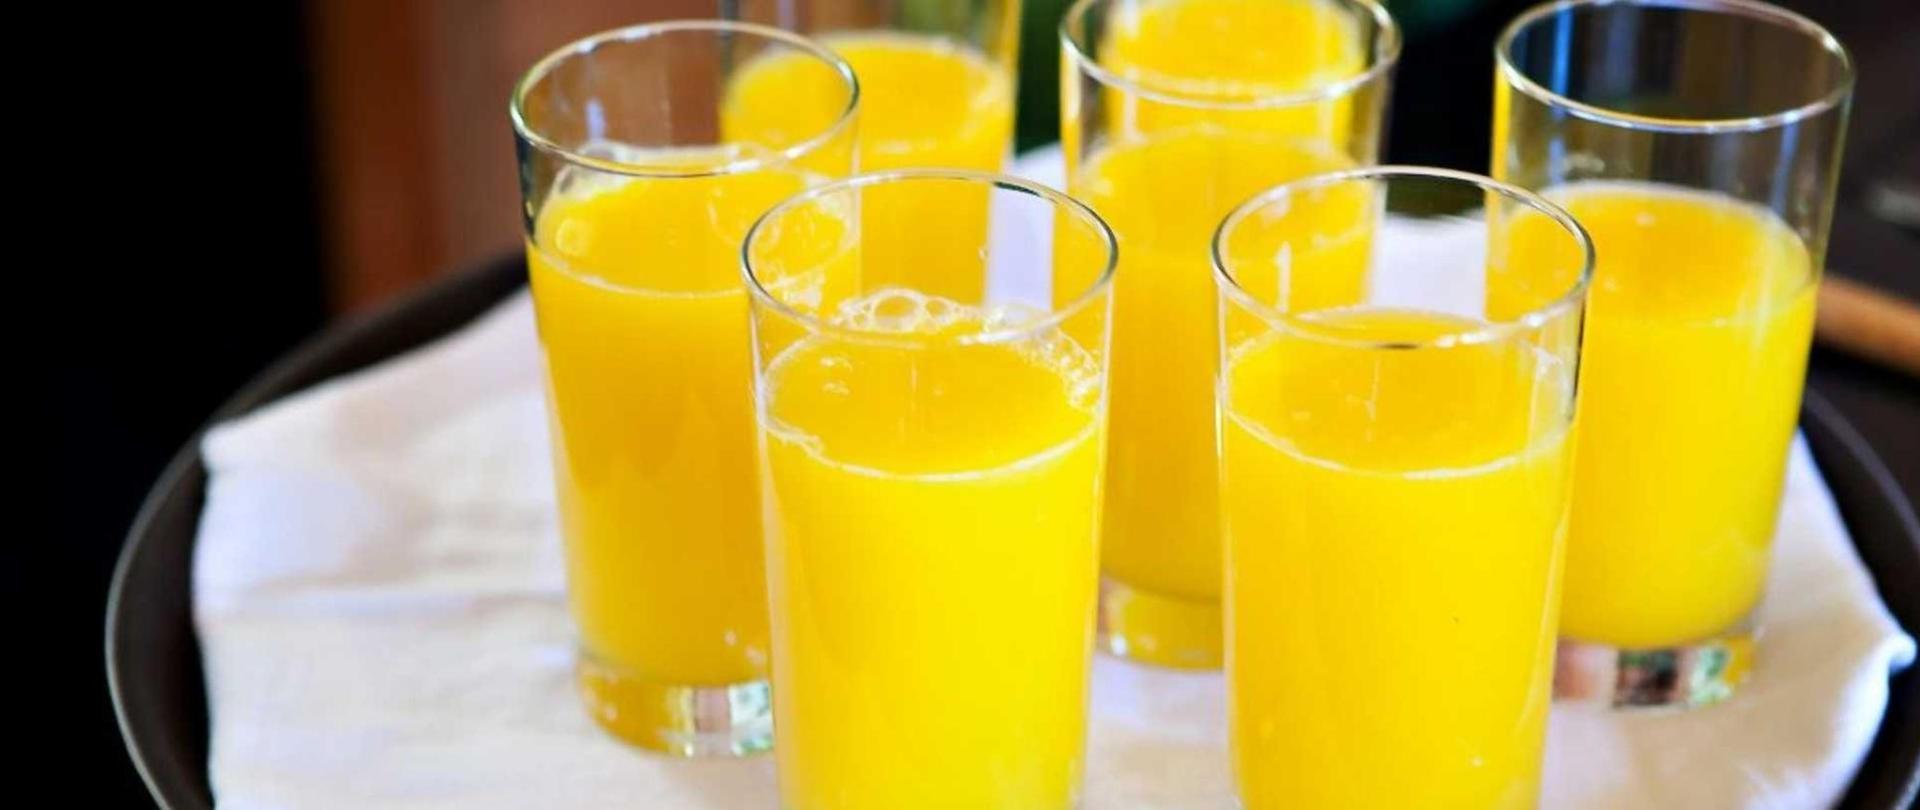 fresh-squeezed-orange-juice1.jpg.1920x807_default.jpg